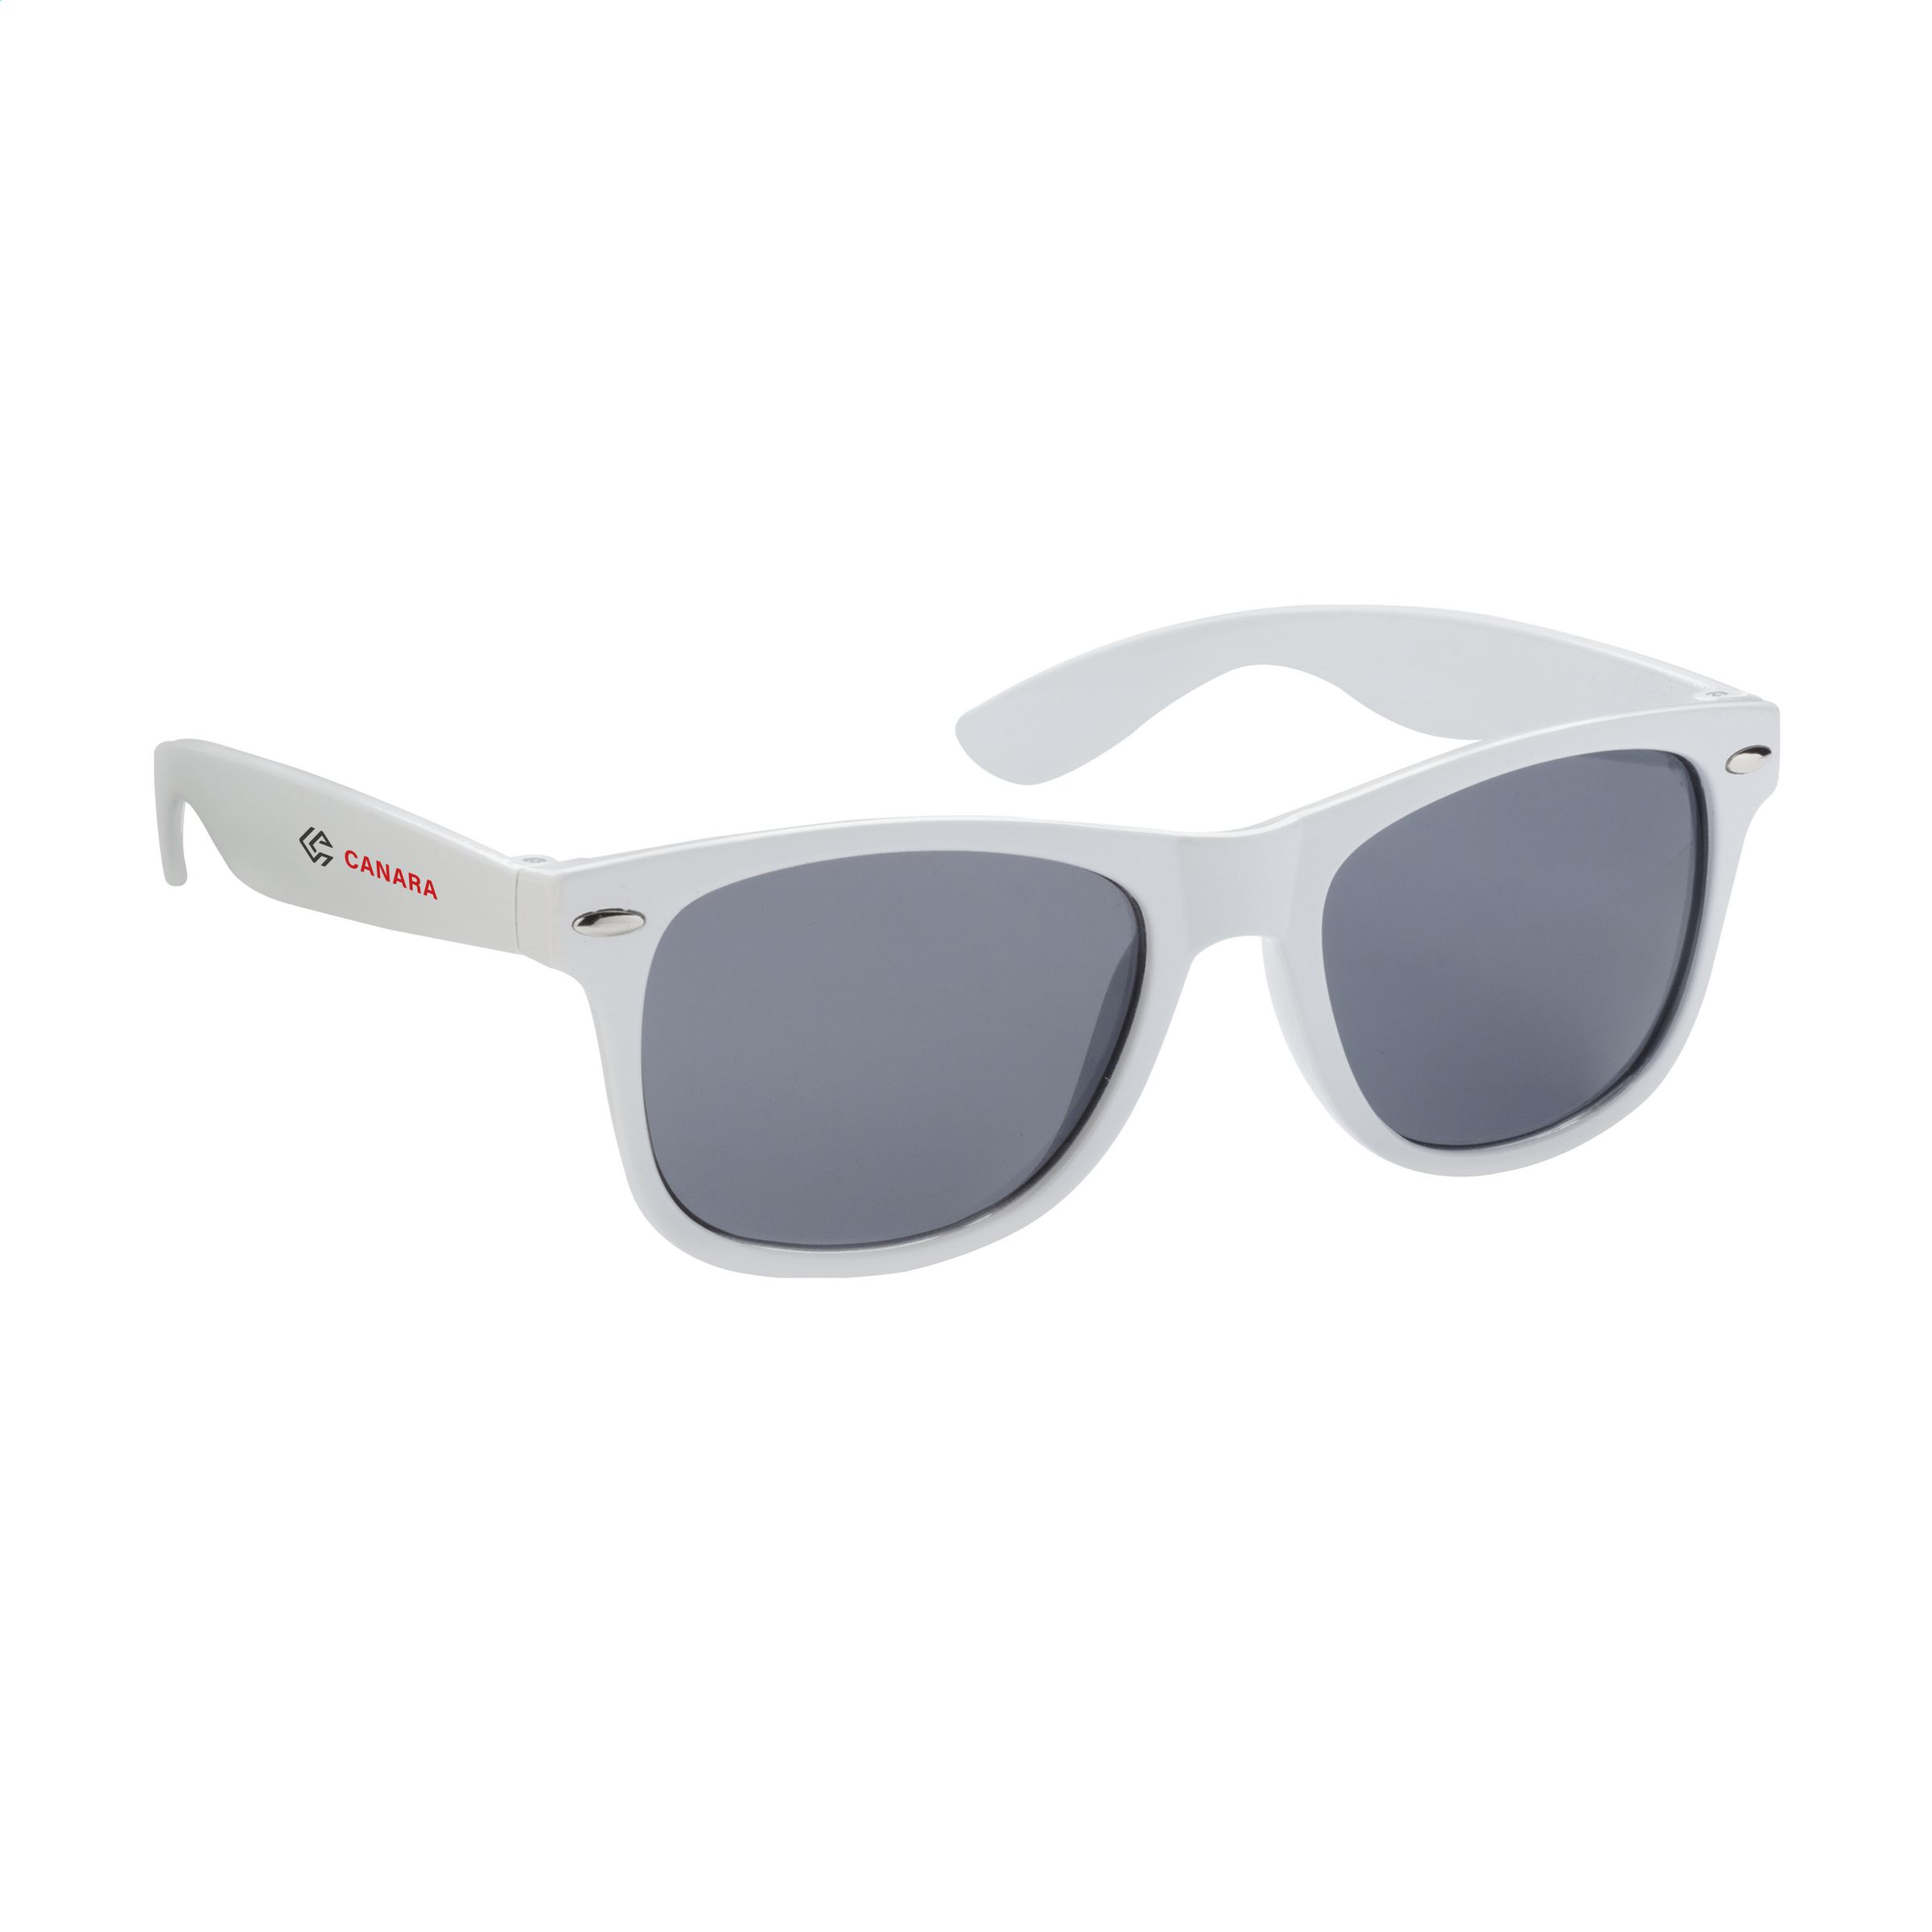 Malibu zonnebril bedrukken